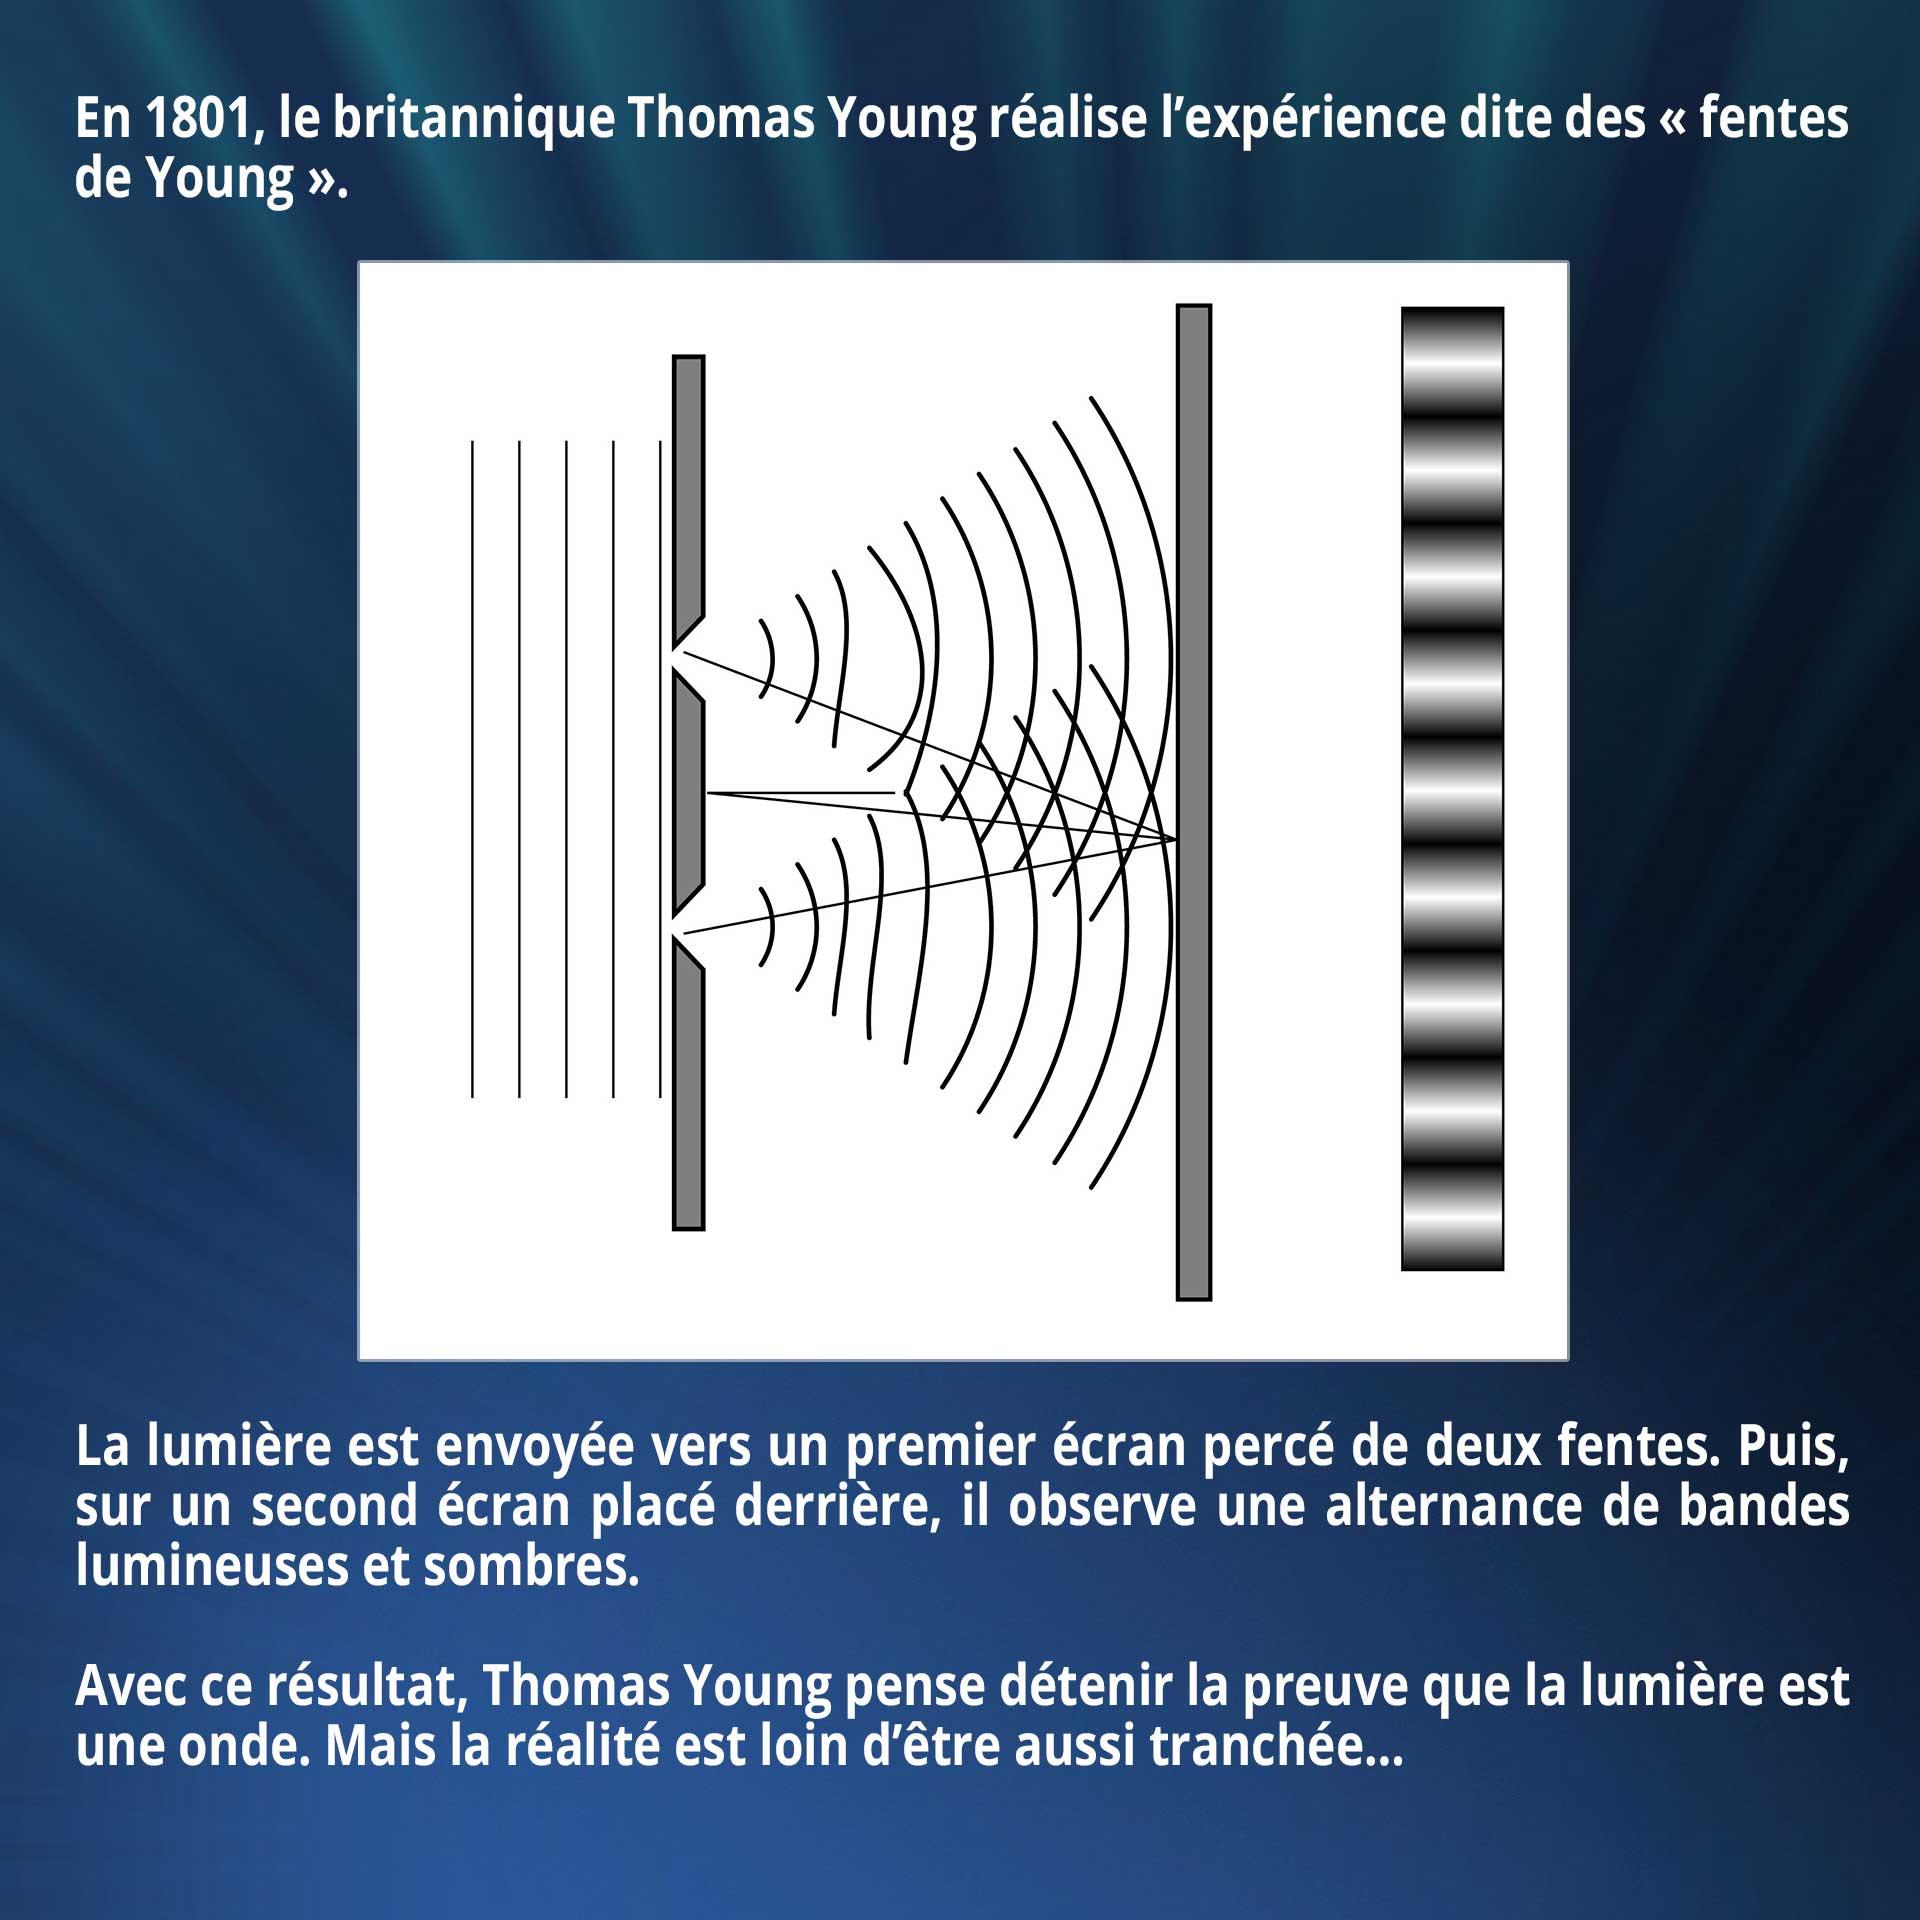 En 1801, le britannique Thomas Young réalise l'expérience dite des « fentes de Young ». La lumière est envoyée vers un premier écran percé de deux fentes. Puis, sur un second écran placé derrière, il observe une alternance de bandes lumineuses et sombres. Avec ce résultat, Thomas Young pense détenir la preuve que la lumière est une onde. Mais la réalité est loin d'être aussi tranchée…